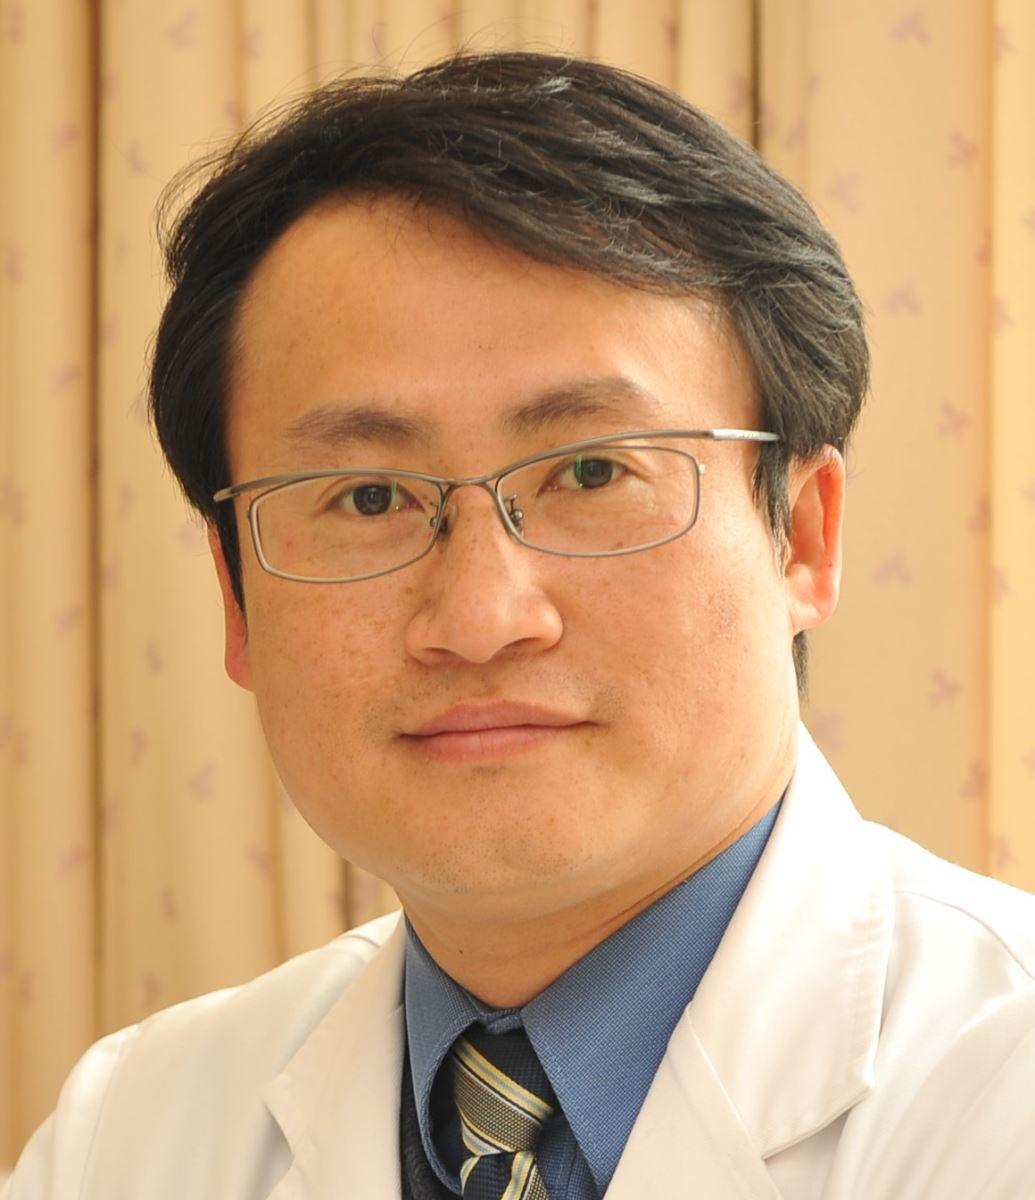 林文元醫師